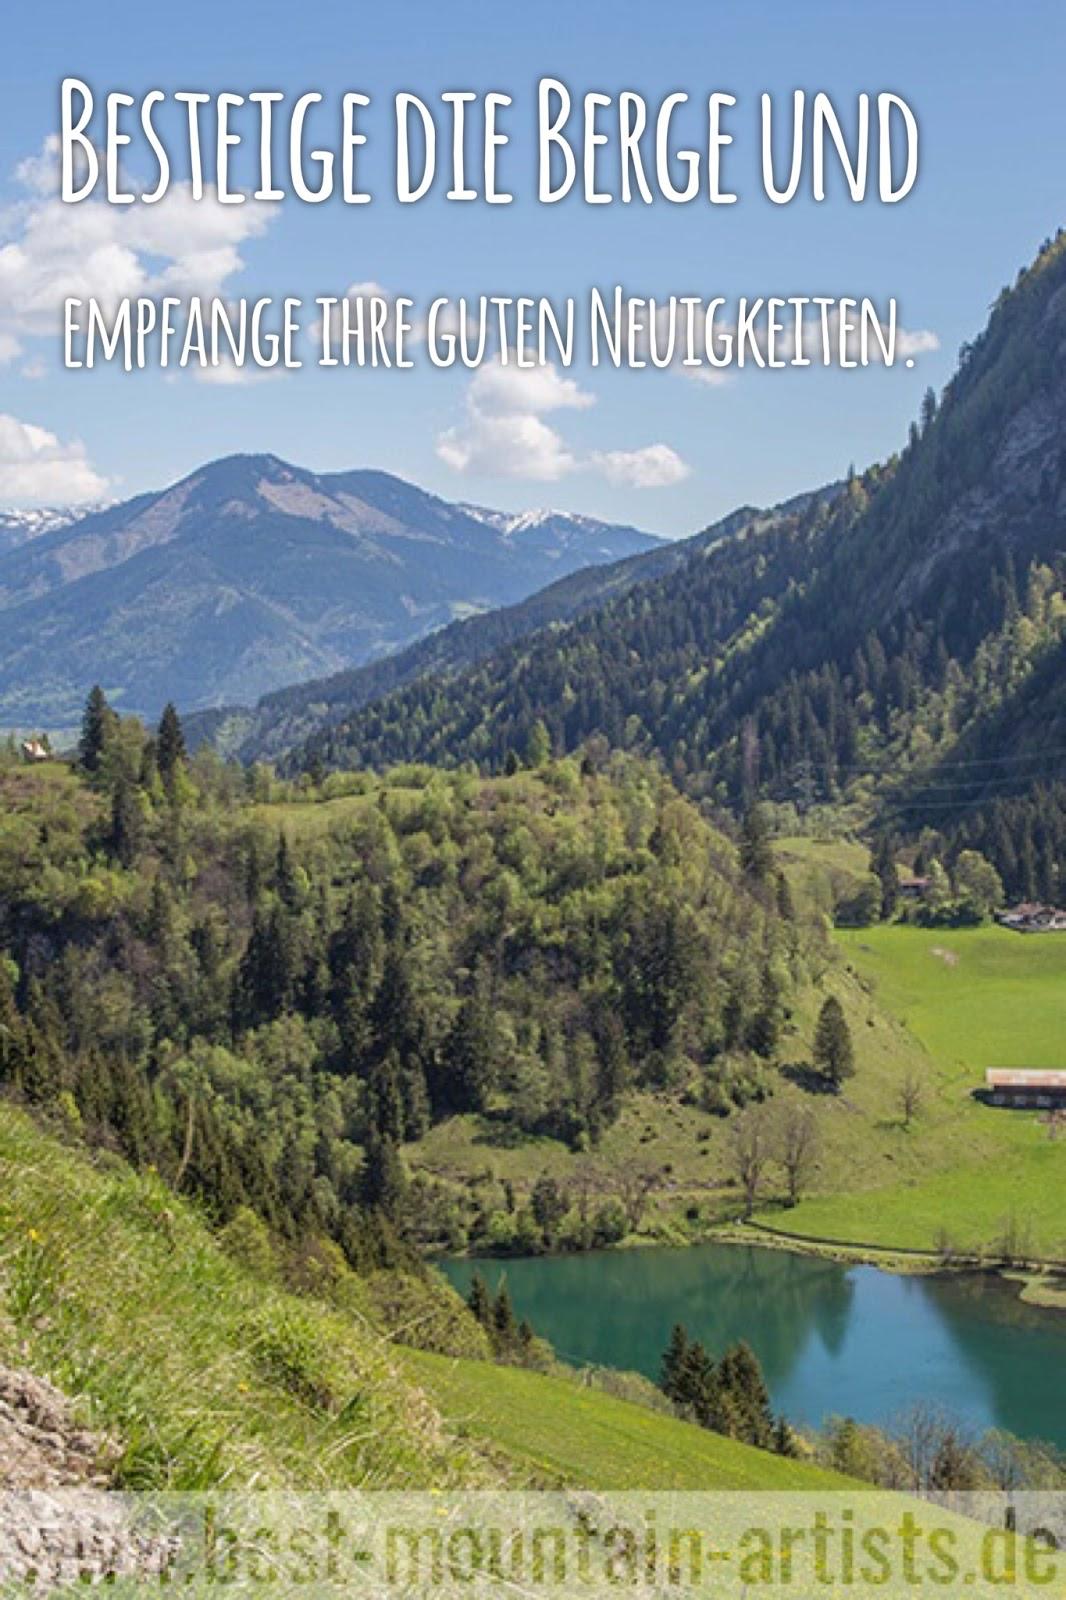 """""""Besteige die Berge und empfange ihre guten Neuigkeiten."""", John Muir"""